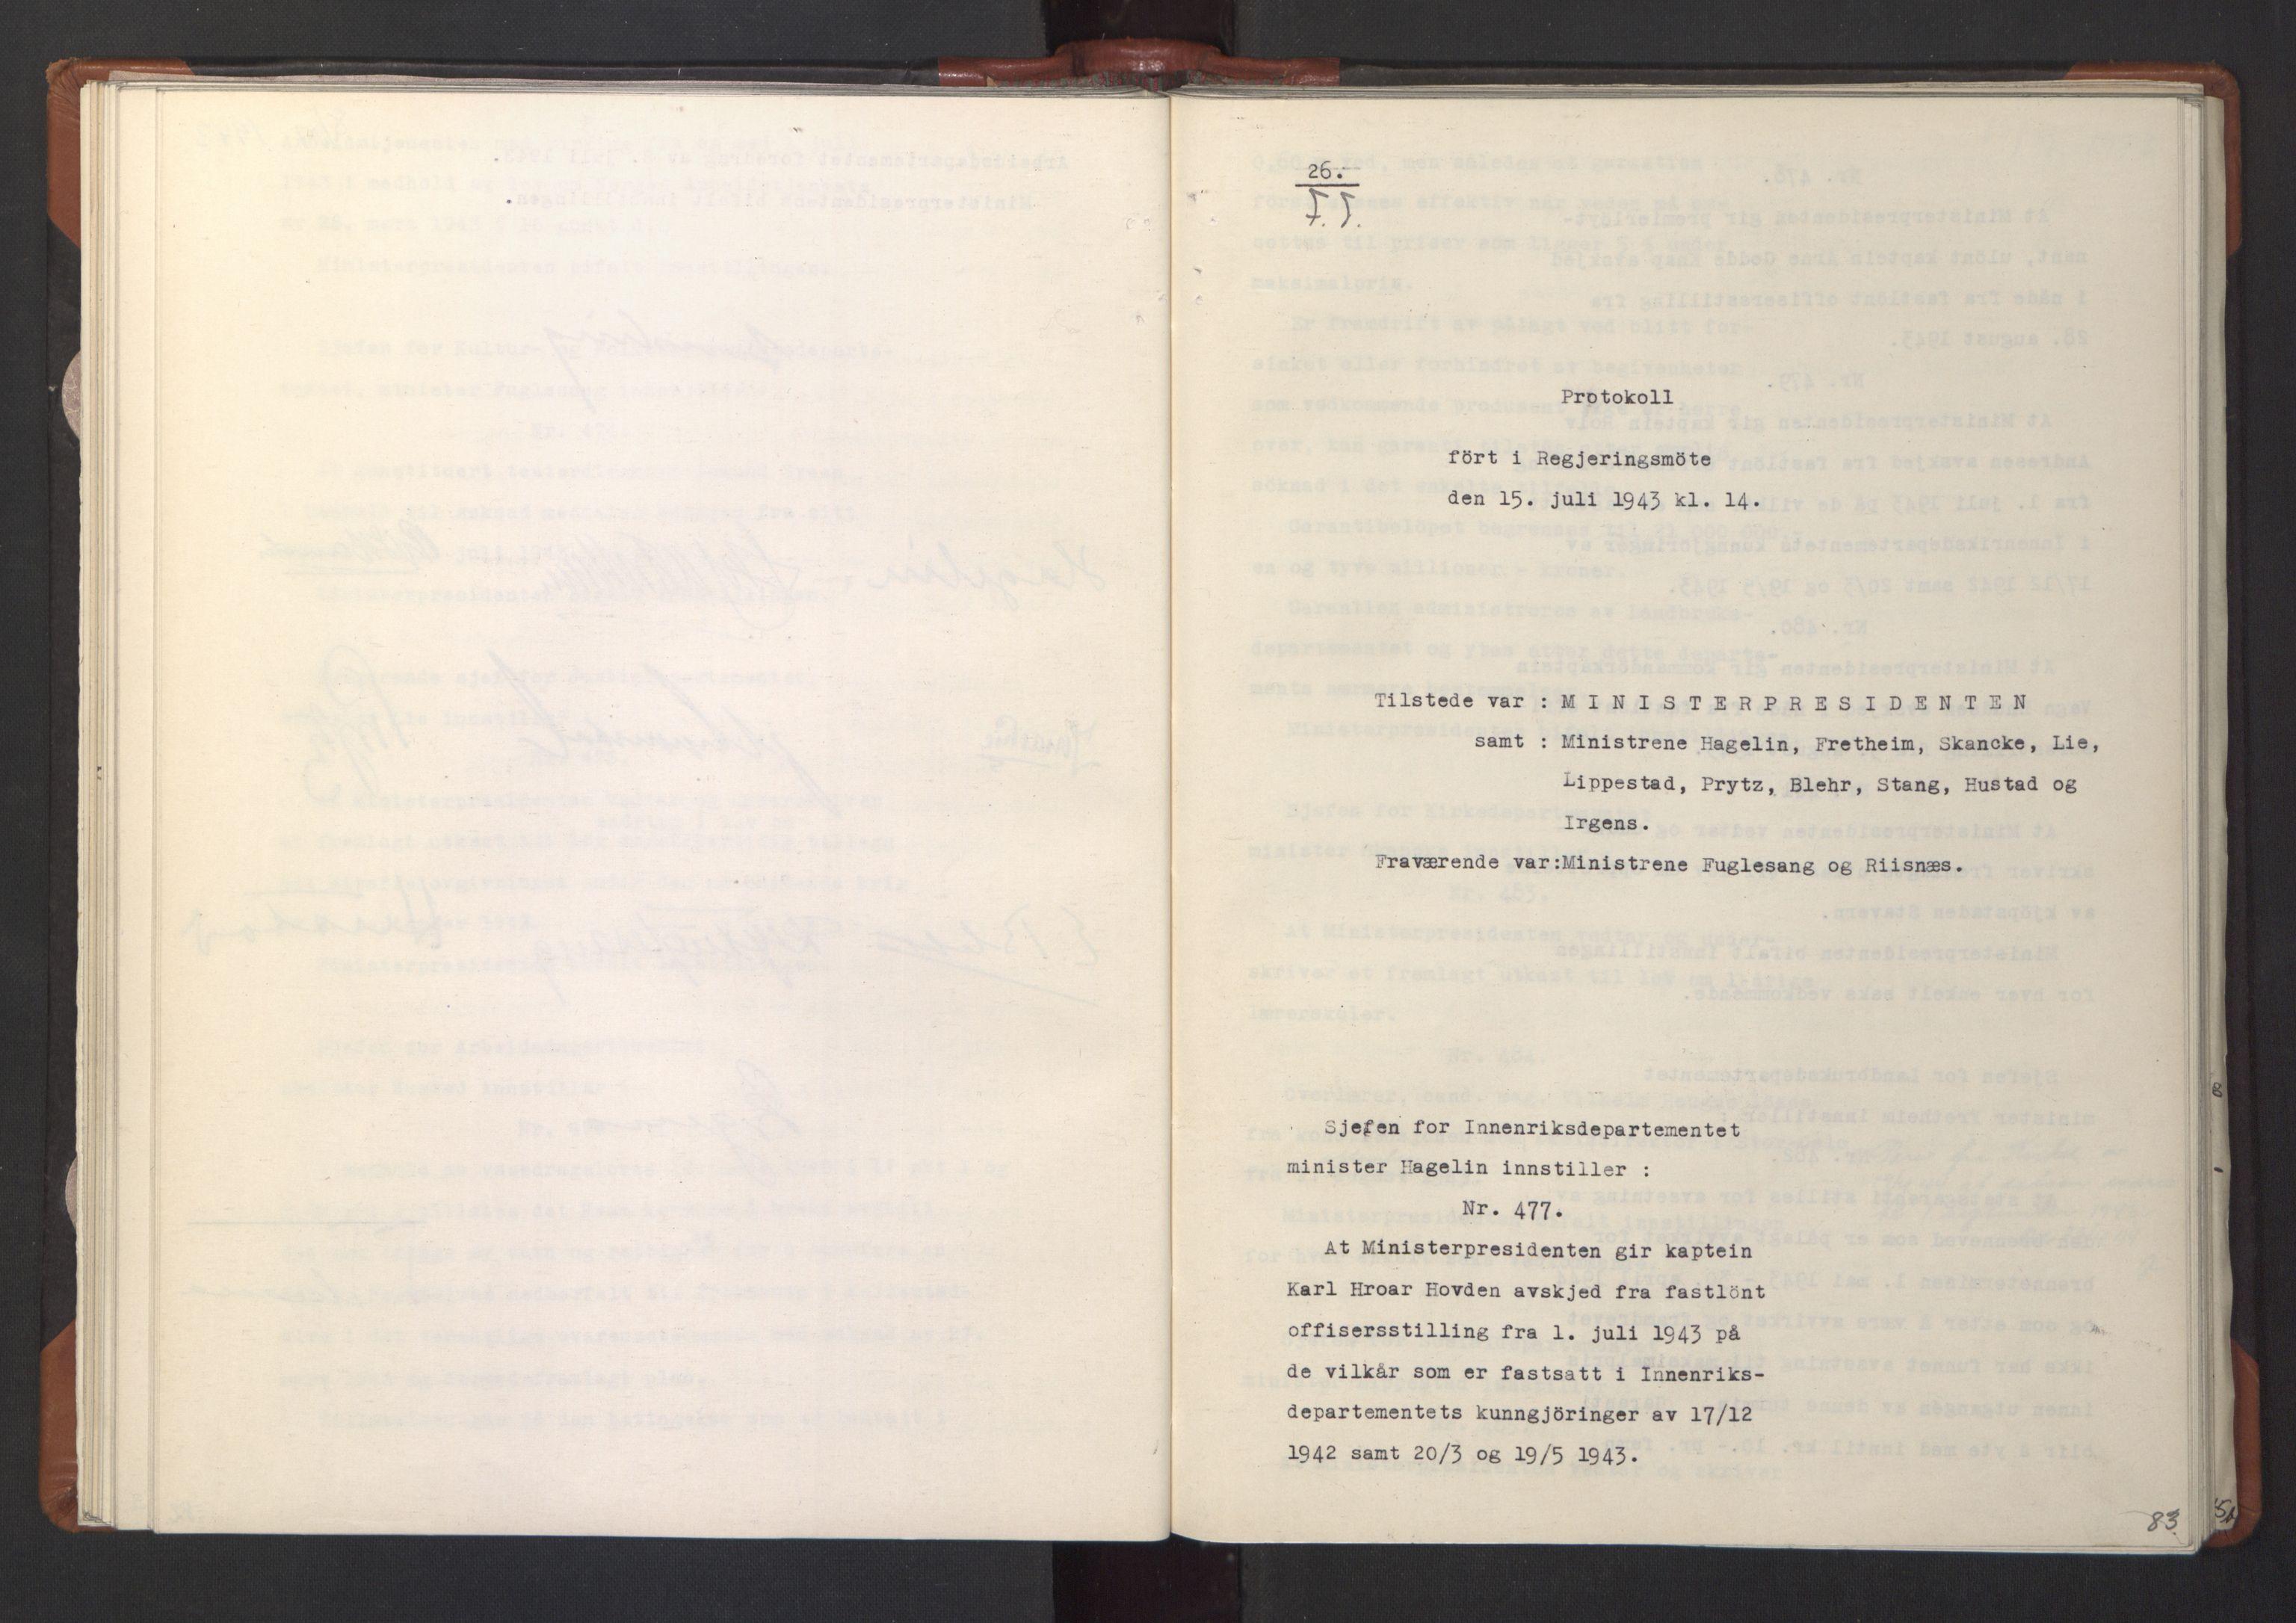 RA, NS-administrasjonen 1940-1945 (Statsrådsekretariatet, de kommisariske statsråder mm), D/Da/L0003: Vedtak (Beslutninger) nr. 1-746 og tillegg nr. 1-47 (RA. j.nr. 1394/1944, tilgangsnr. 8/1944, 1943, s. 82b-83a